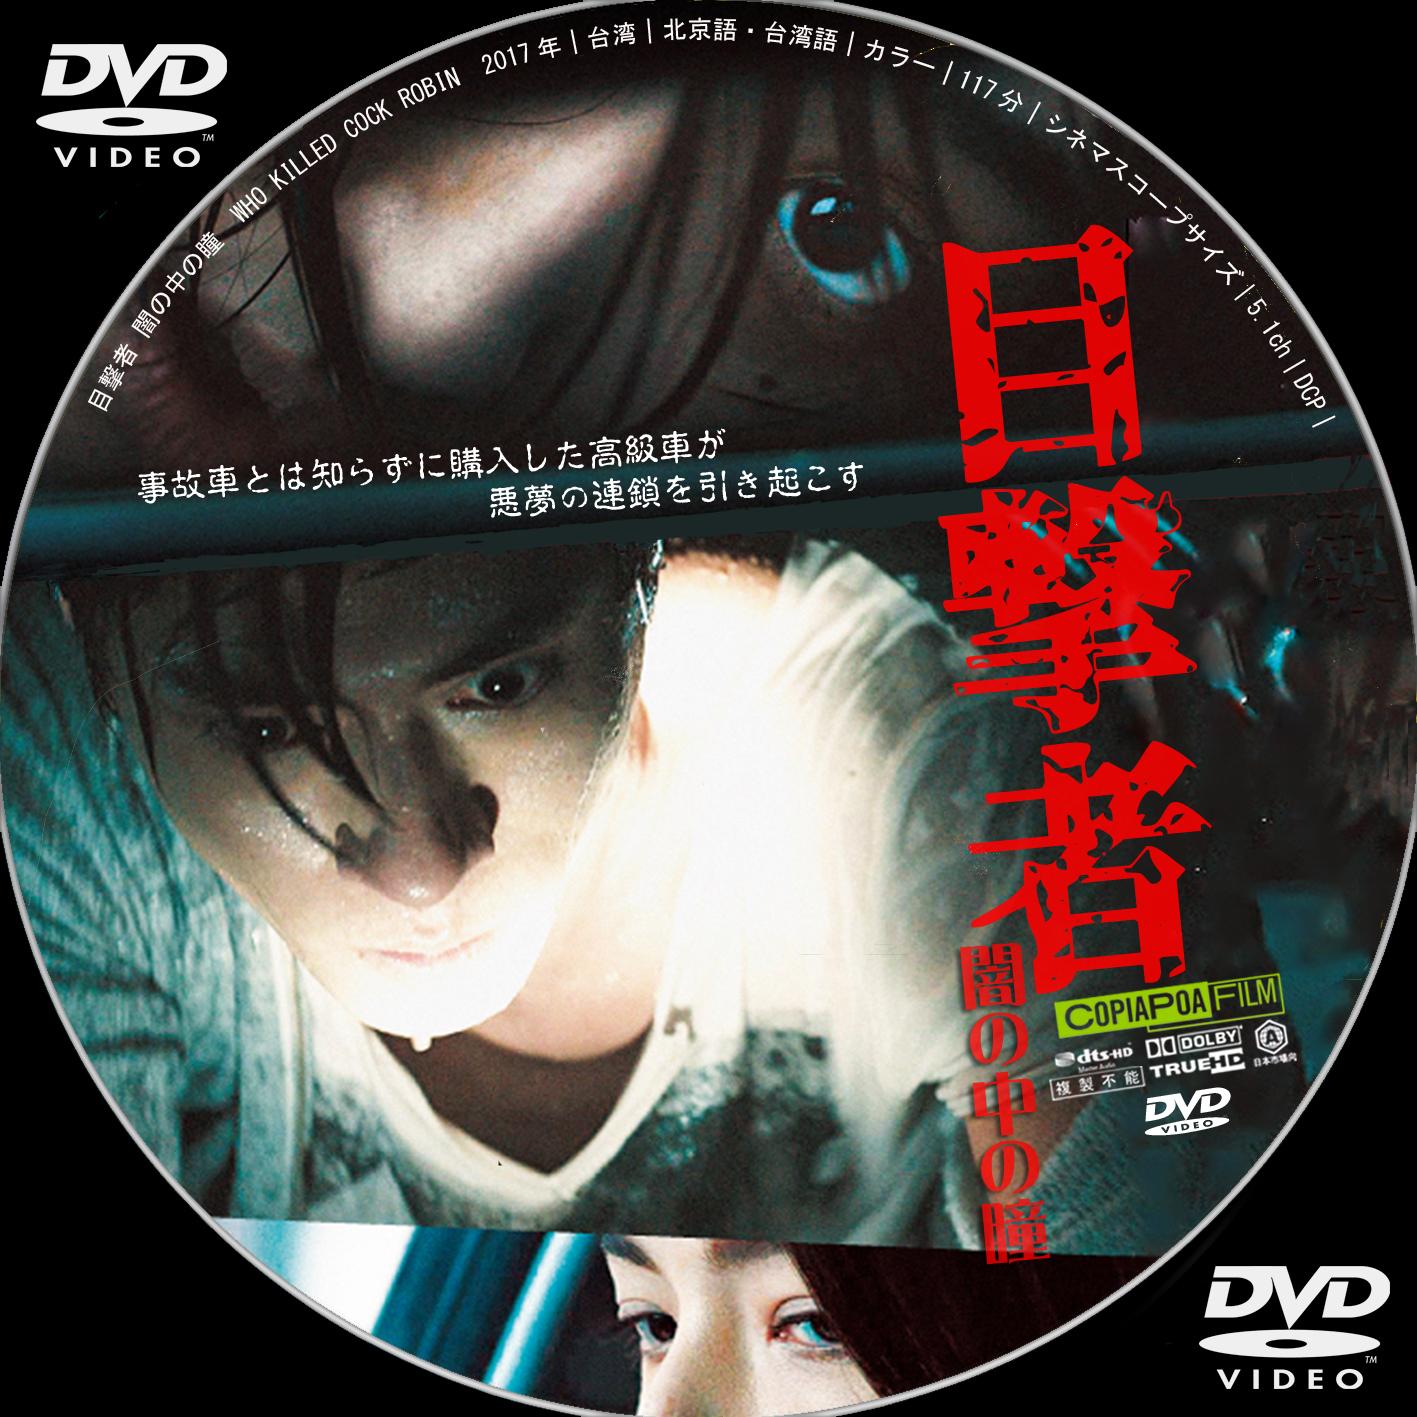 目撃者 闇の中の瞳   DVD ラベル